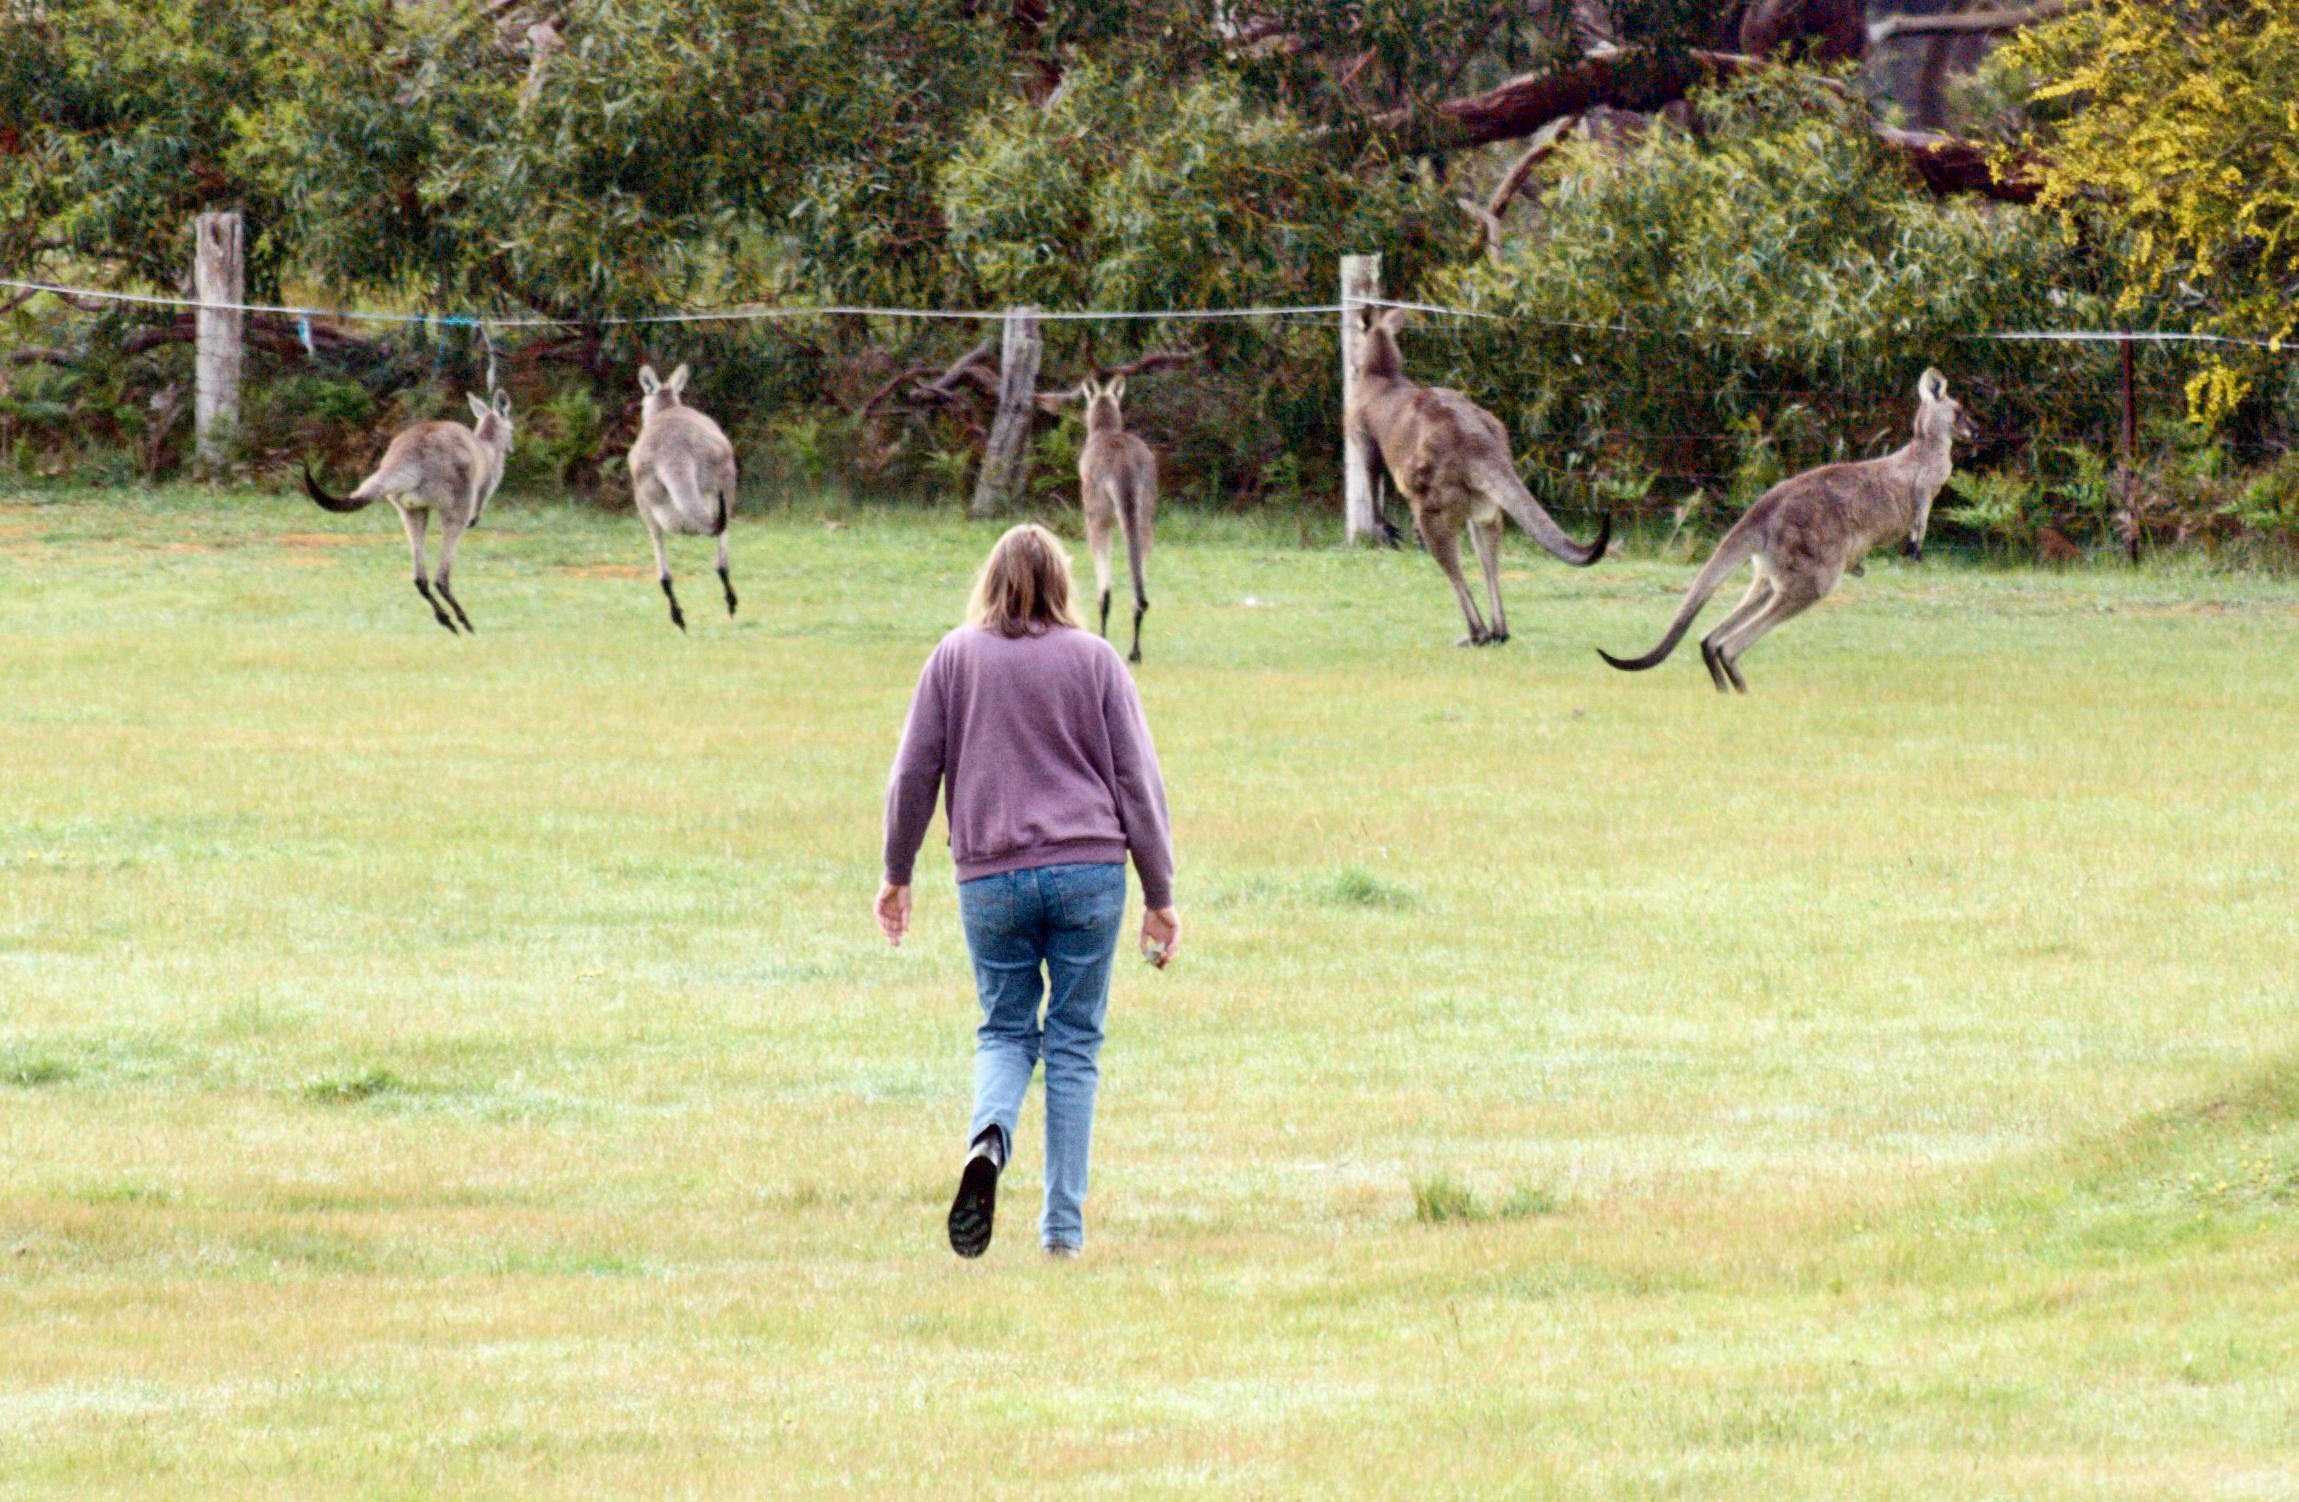 Kangaroos-11-detail.jpeg